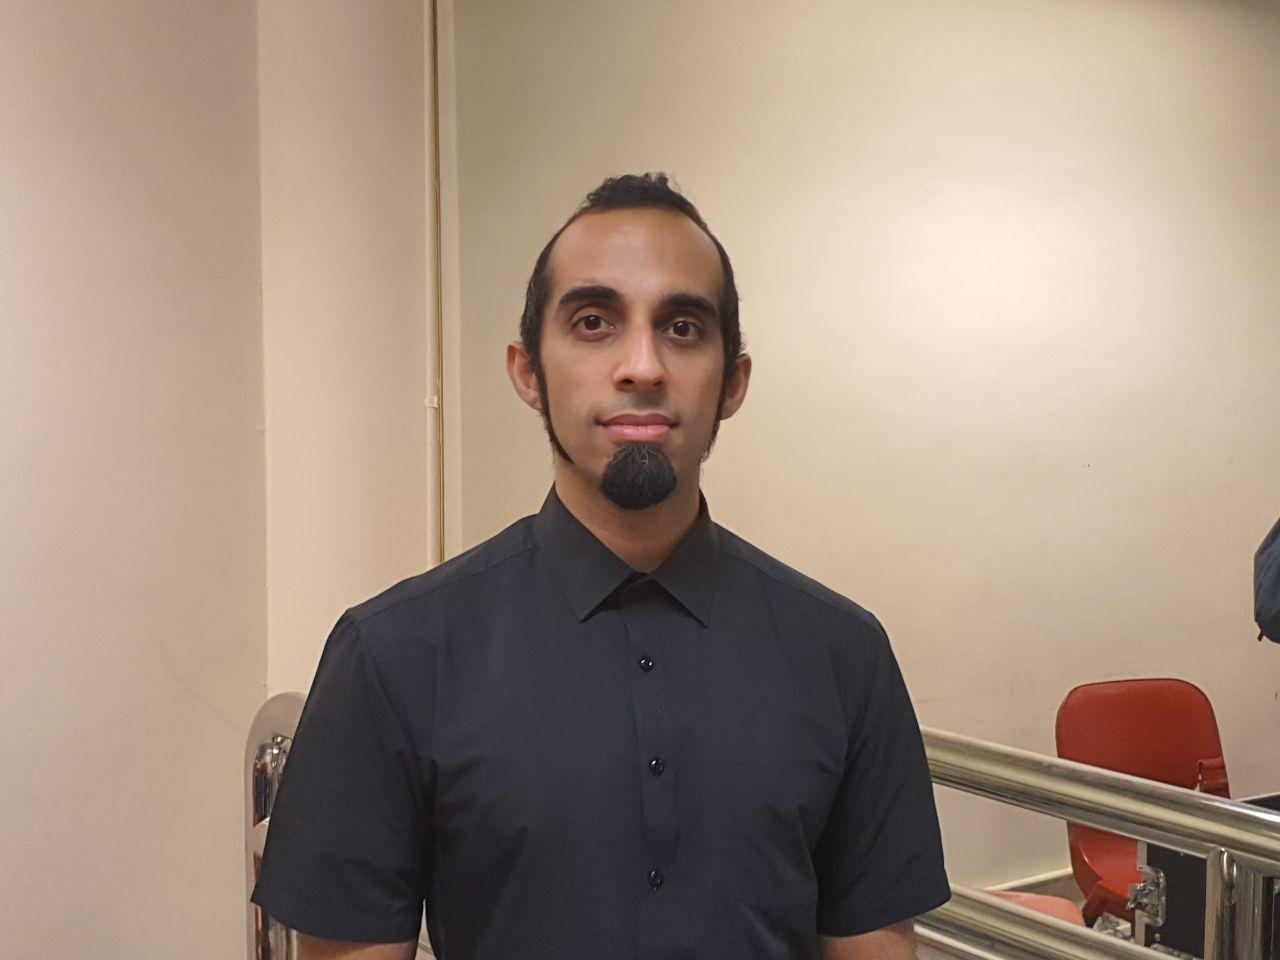 第三代土生土長印度裔香港人Vivek Mahbubani。(駱亞/大紀元)